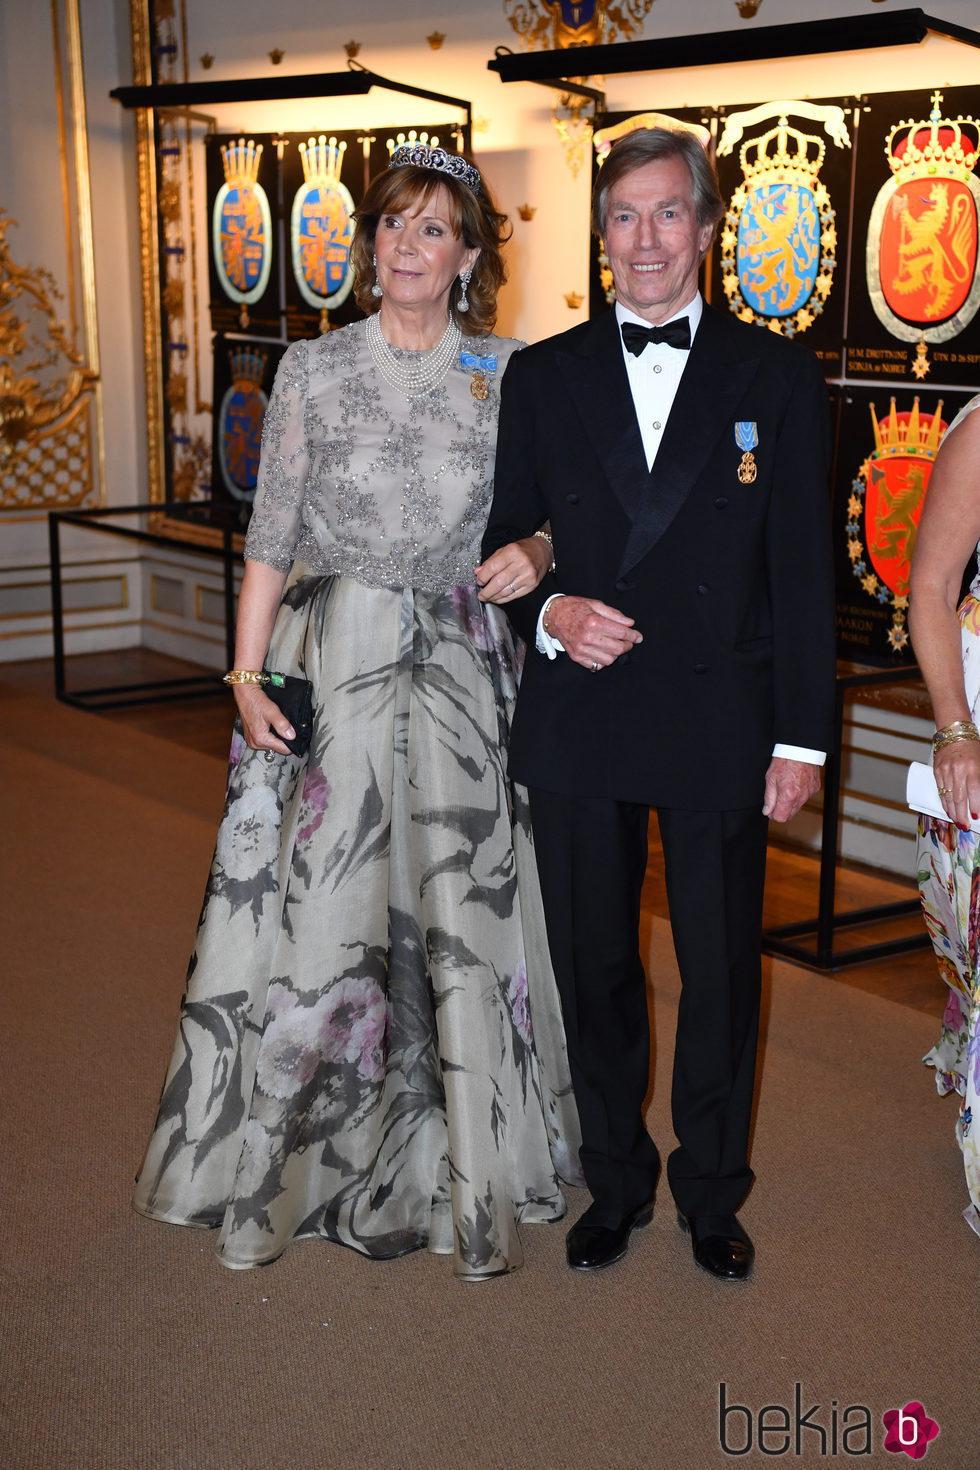 El Príncipe Leopoldo y la Princesa Úrsula de Baviera en la cena de gala en el 70 cumpleaños del Rey Gustavo de Suecia